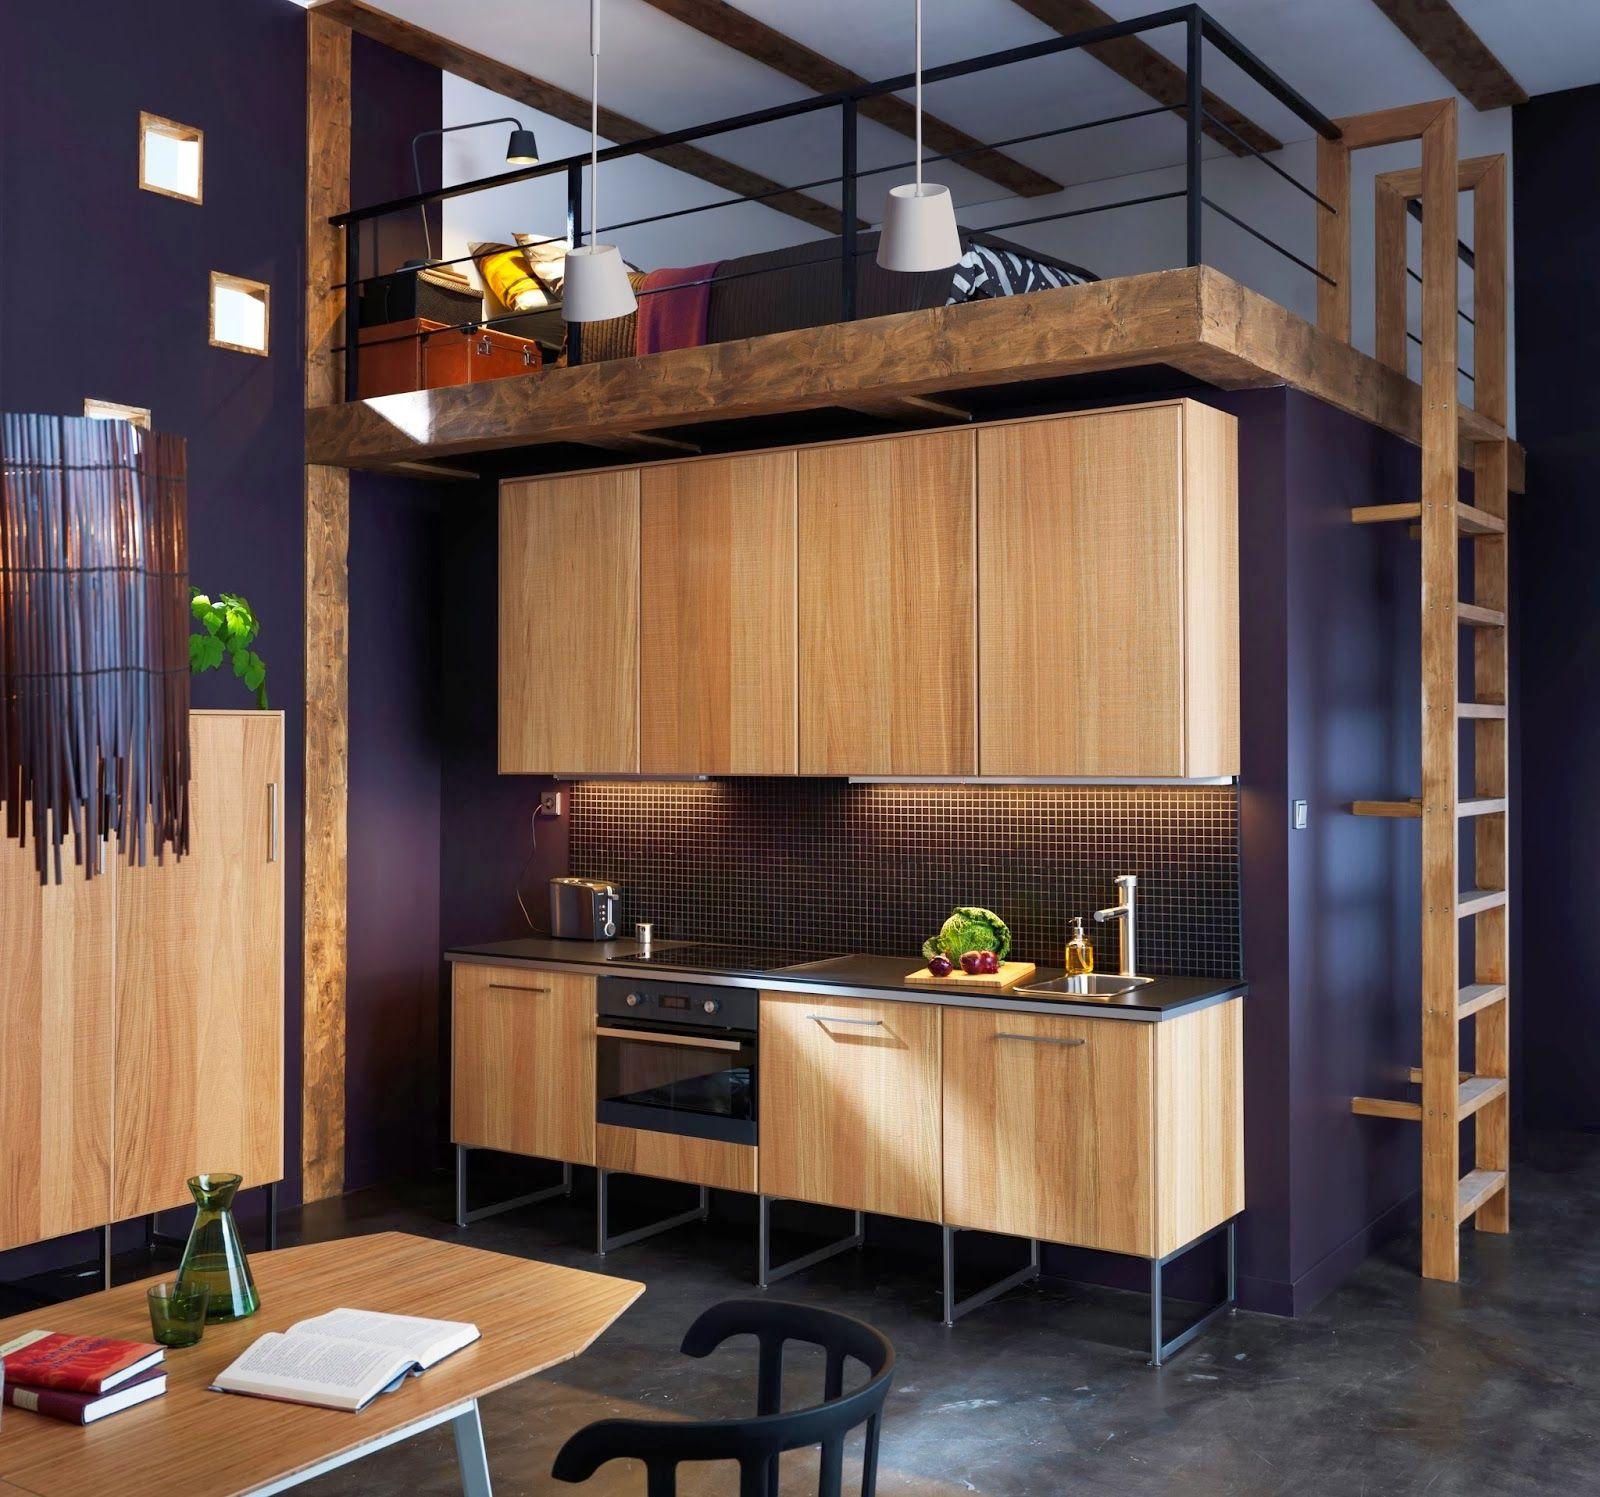 Nuevas Cocinas De Ikea Metod With Images Ikea Kitchen